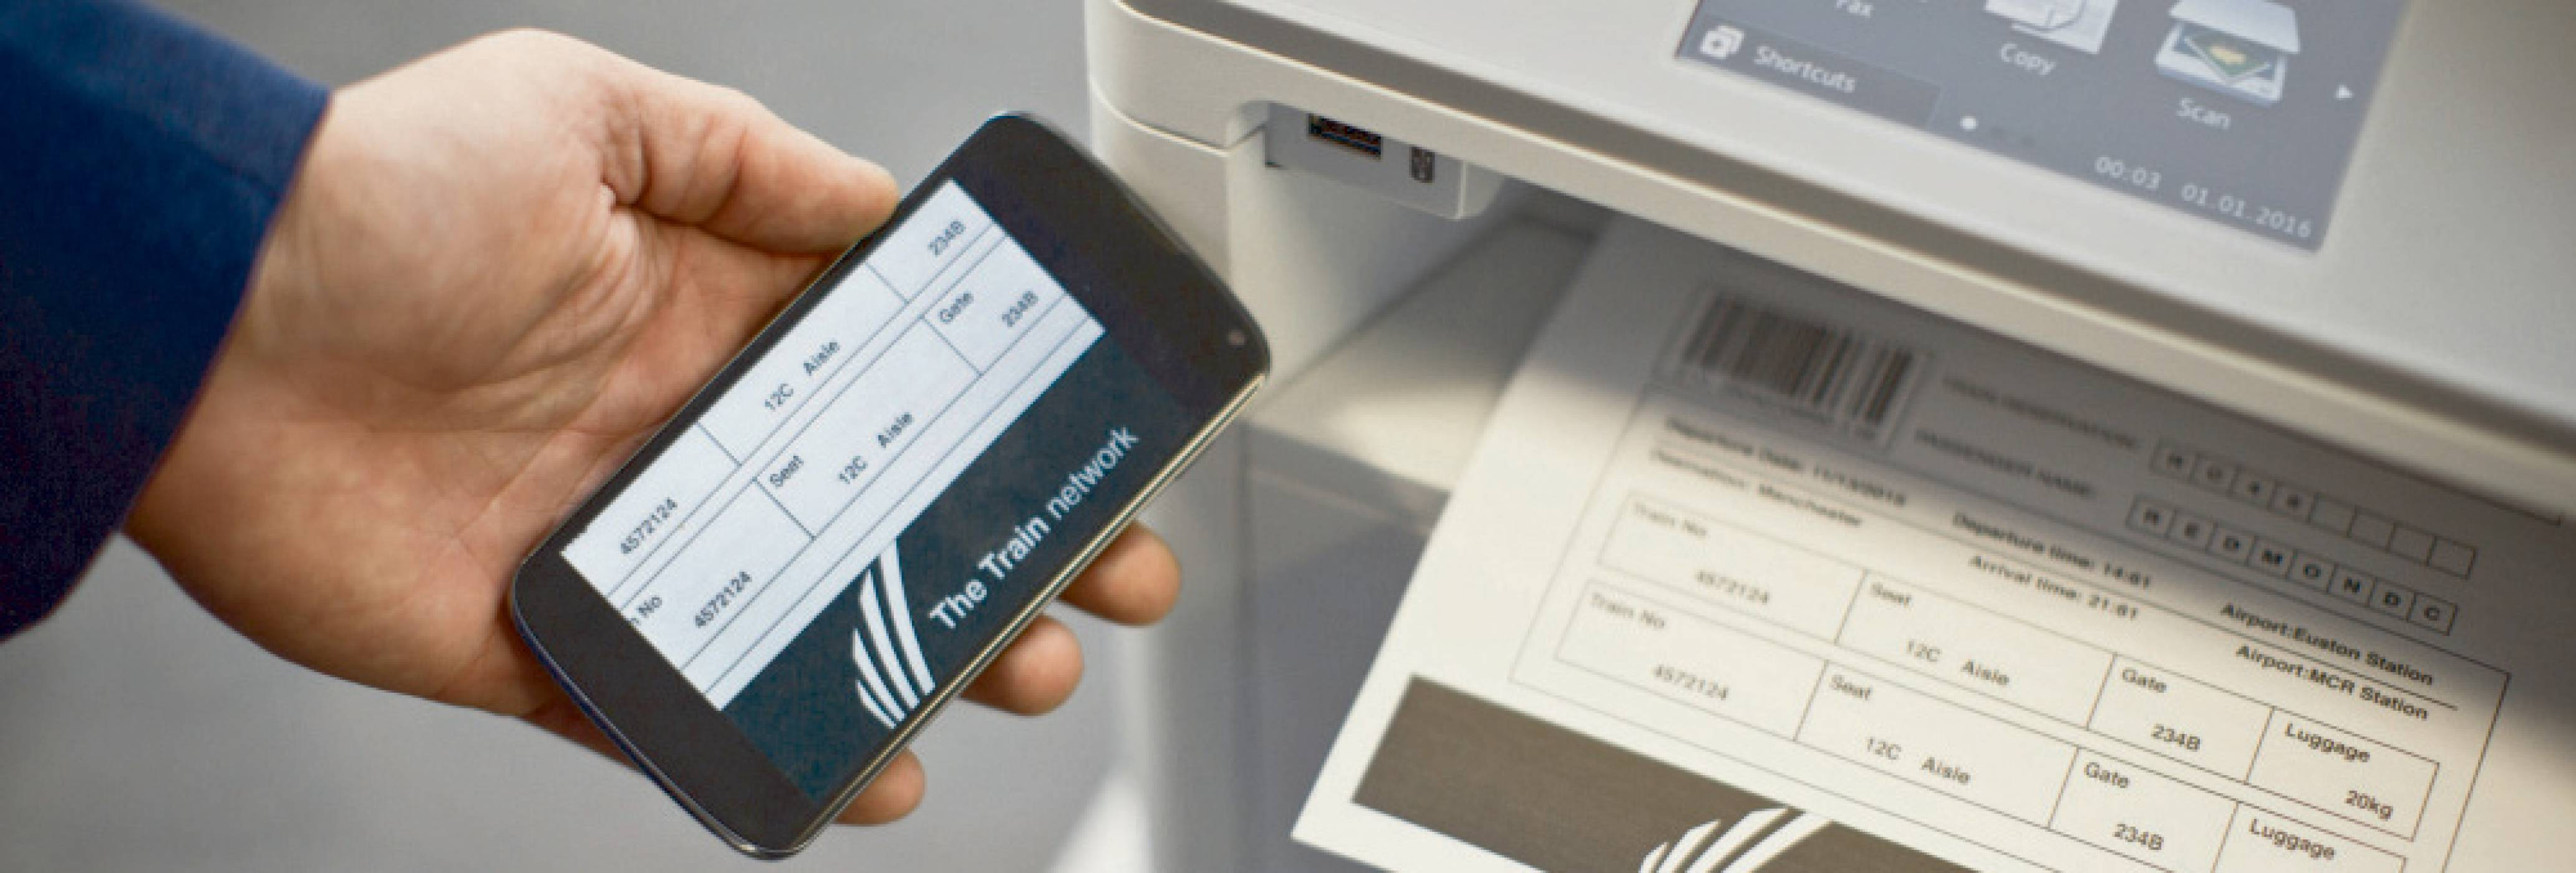 Нуждаят ли се от допълнителна сигурност печатните документи?